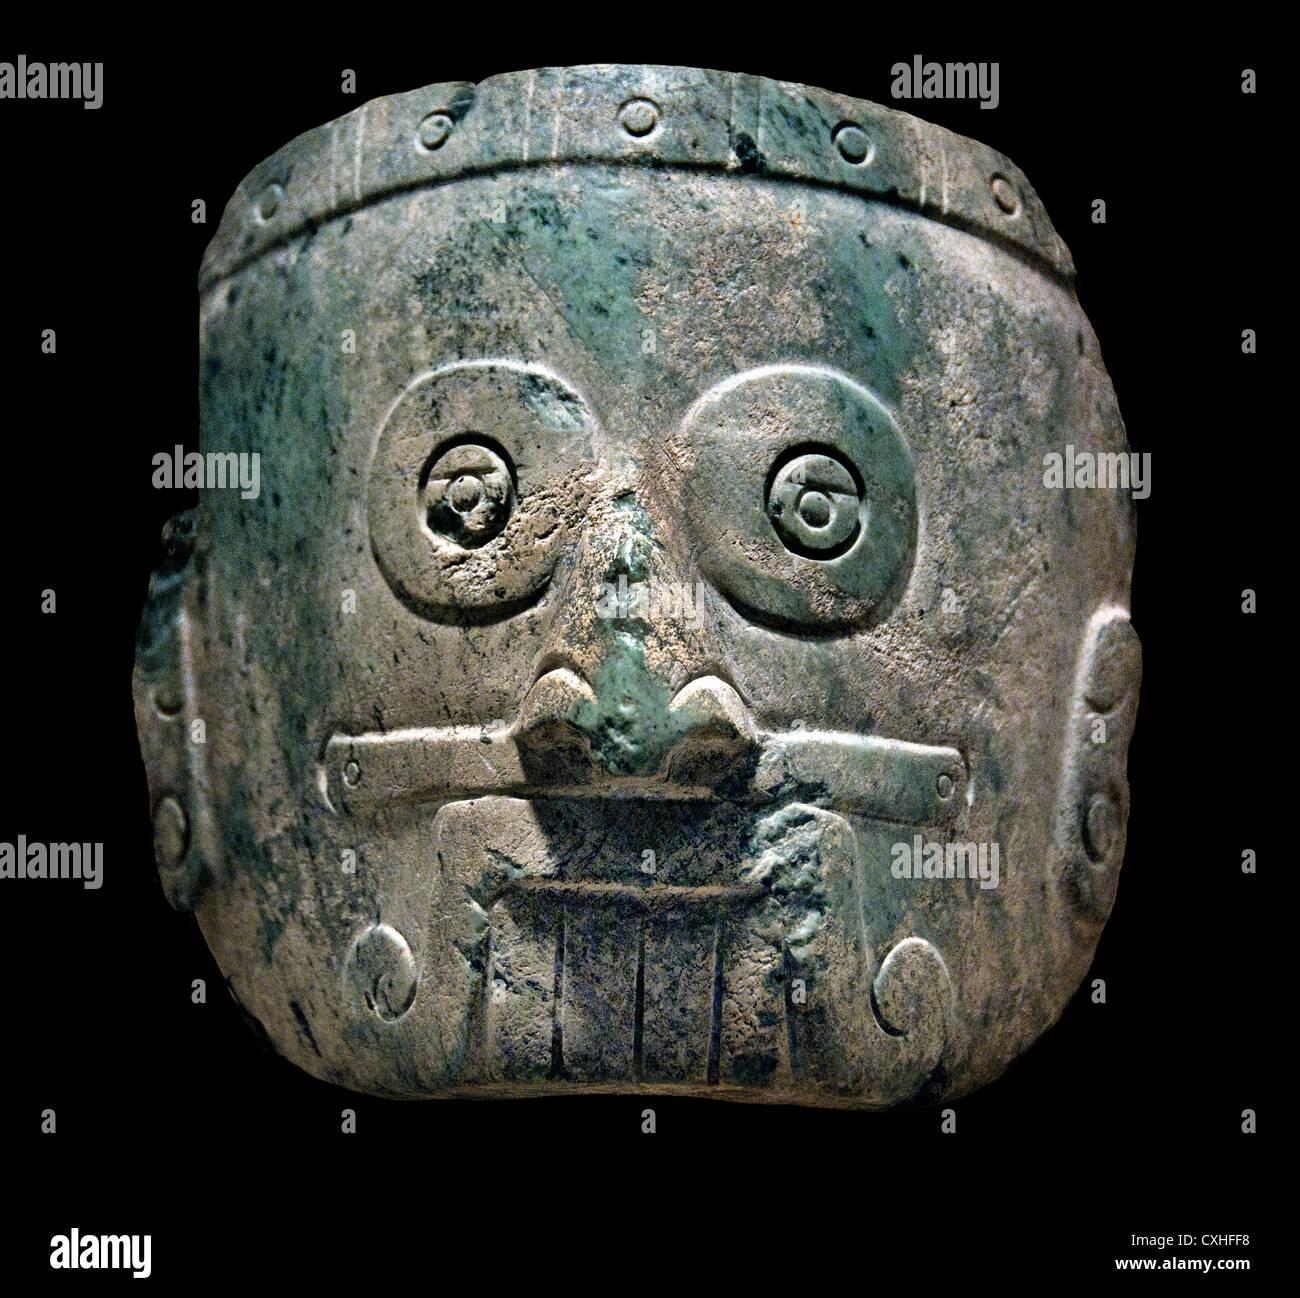 Pioggia maschera Dio 13th-XIV secolo Messico Mesoamerica Mixtec serpentina 14 x 15,2 cm scultura in pietra Immagini Stock